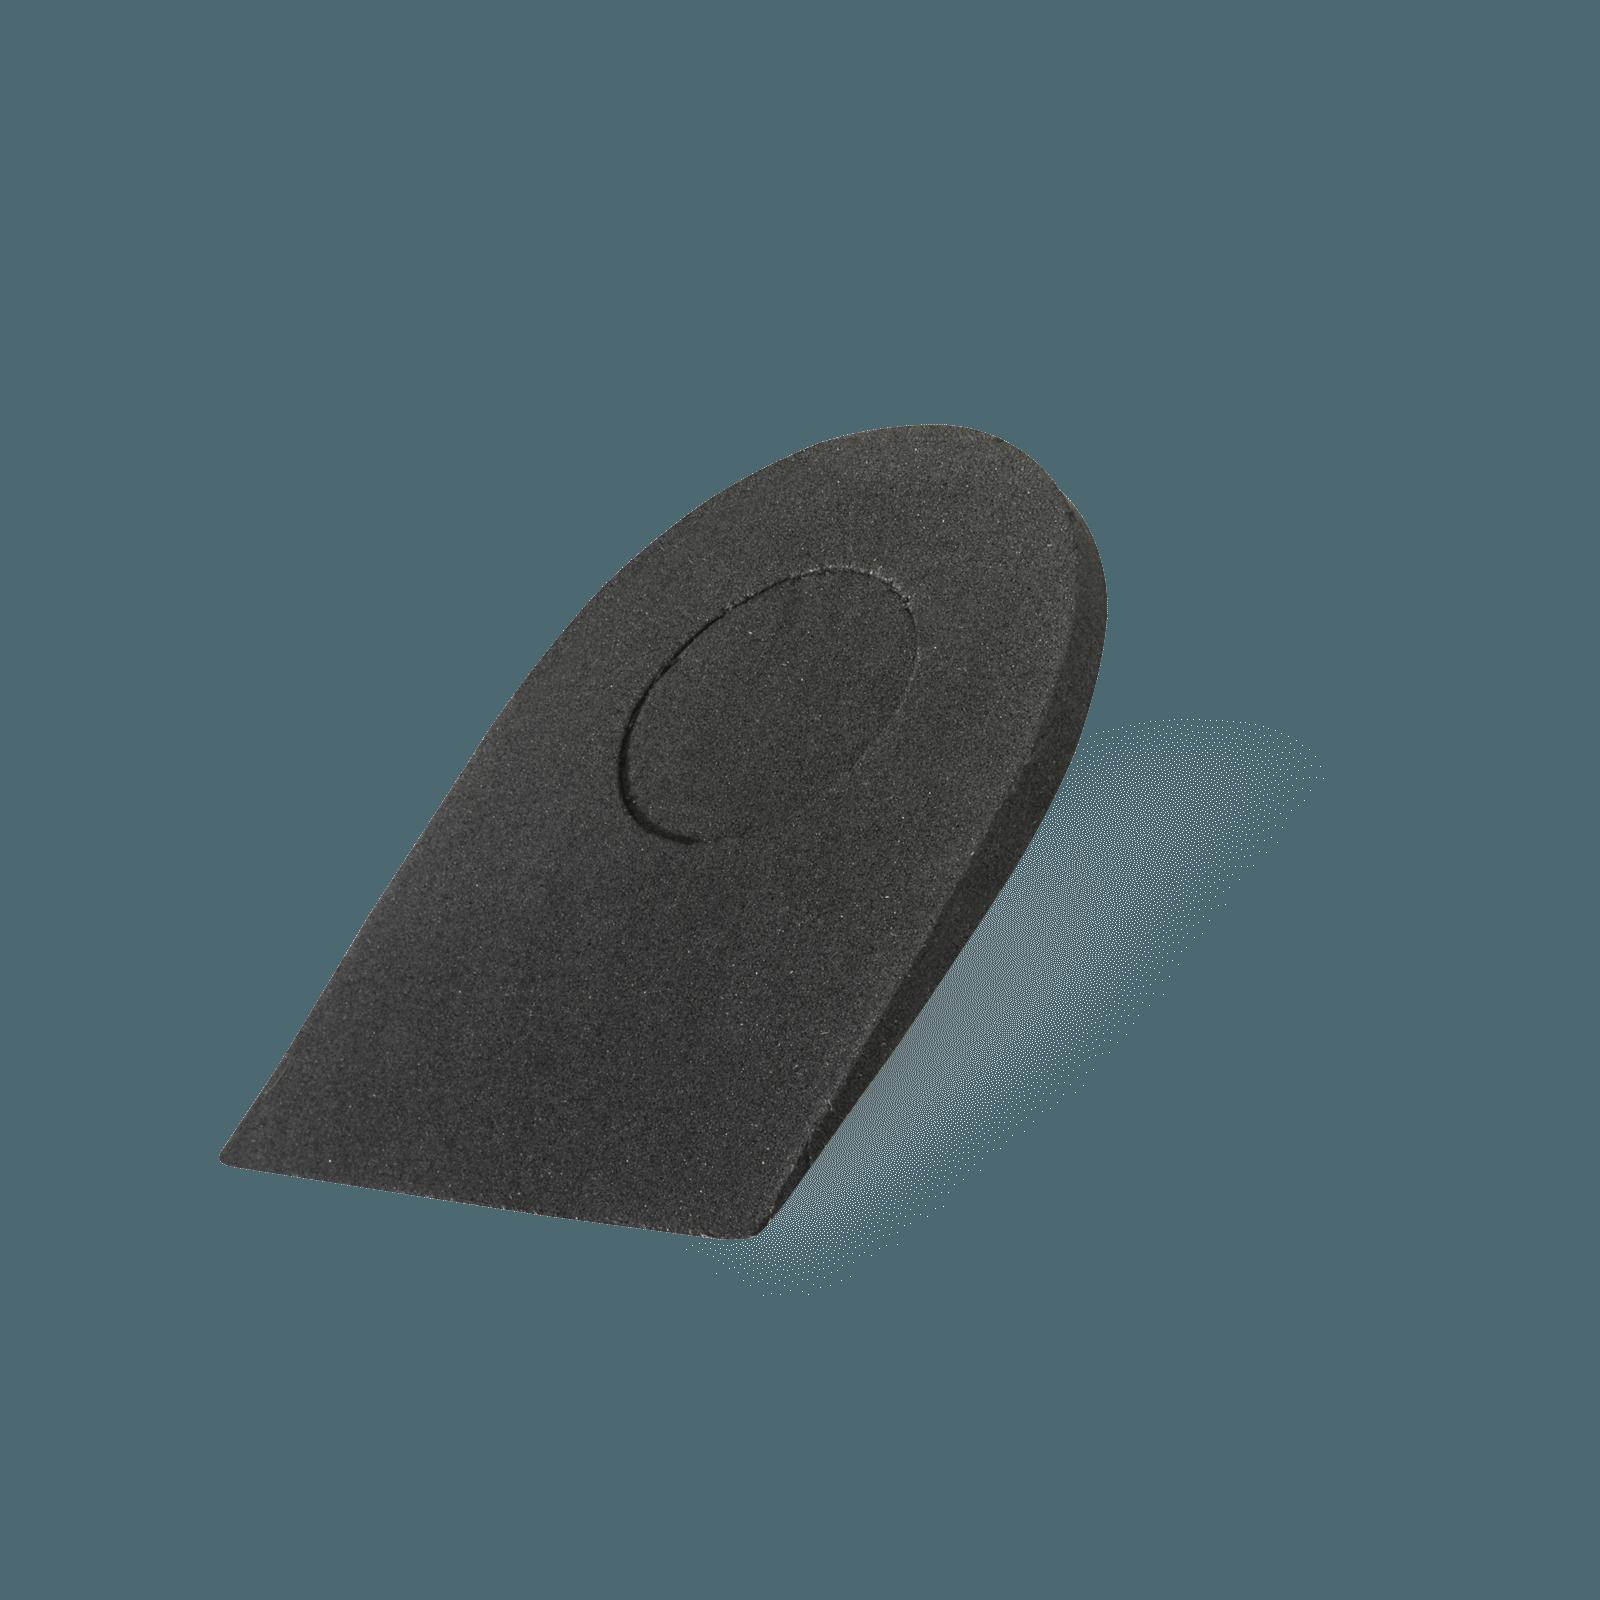 Inlegzolen voor hielspoor MYSOLE Special Heelspur wedge